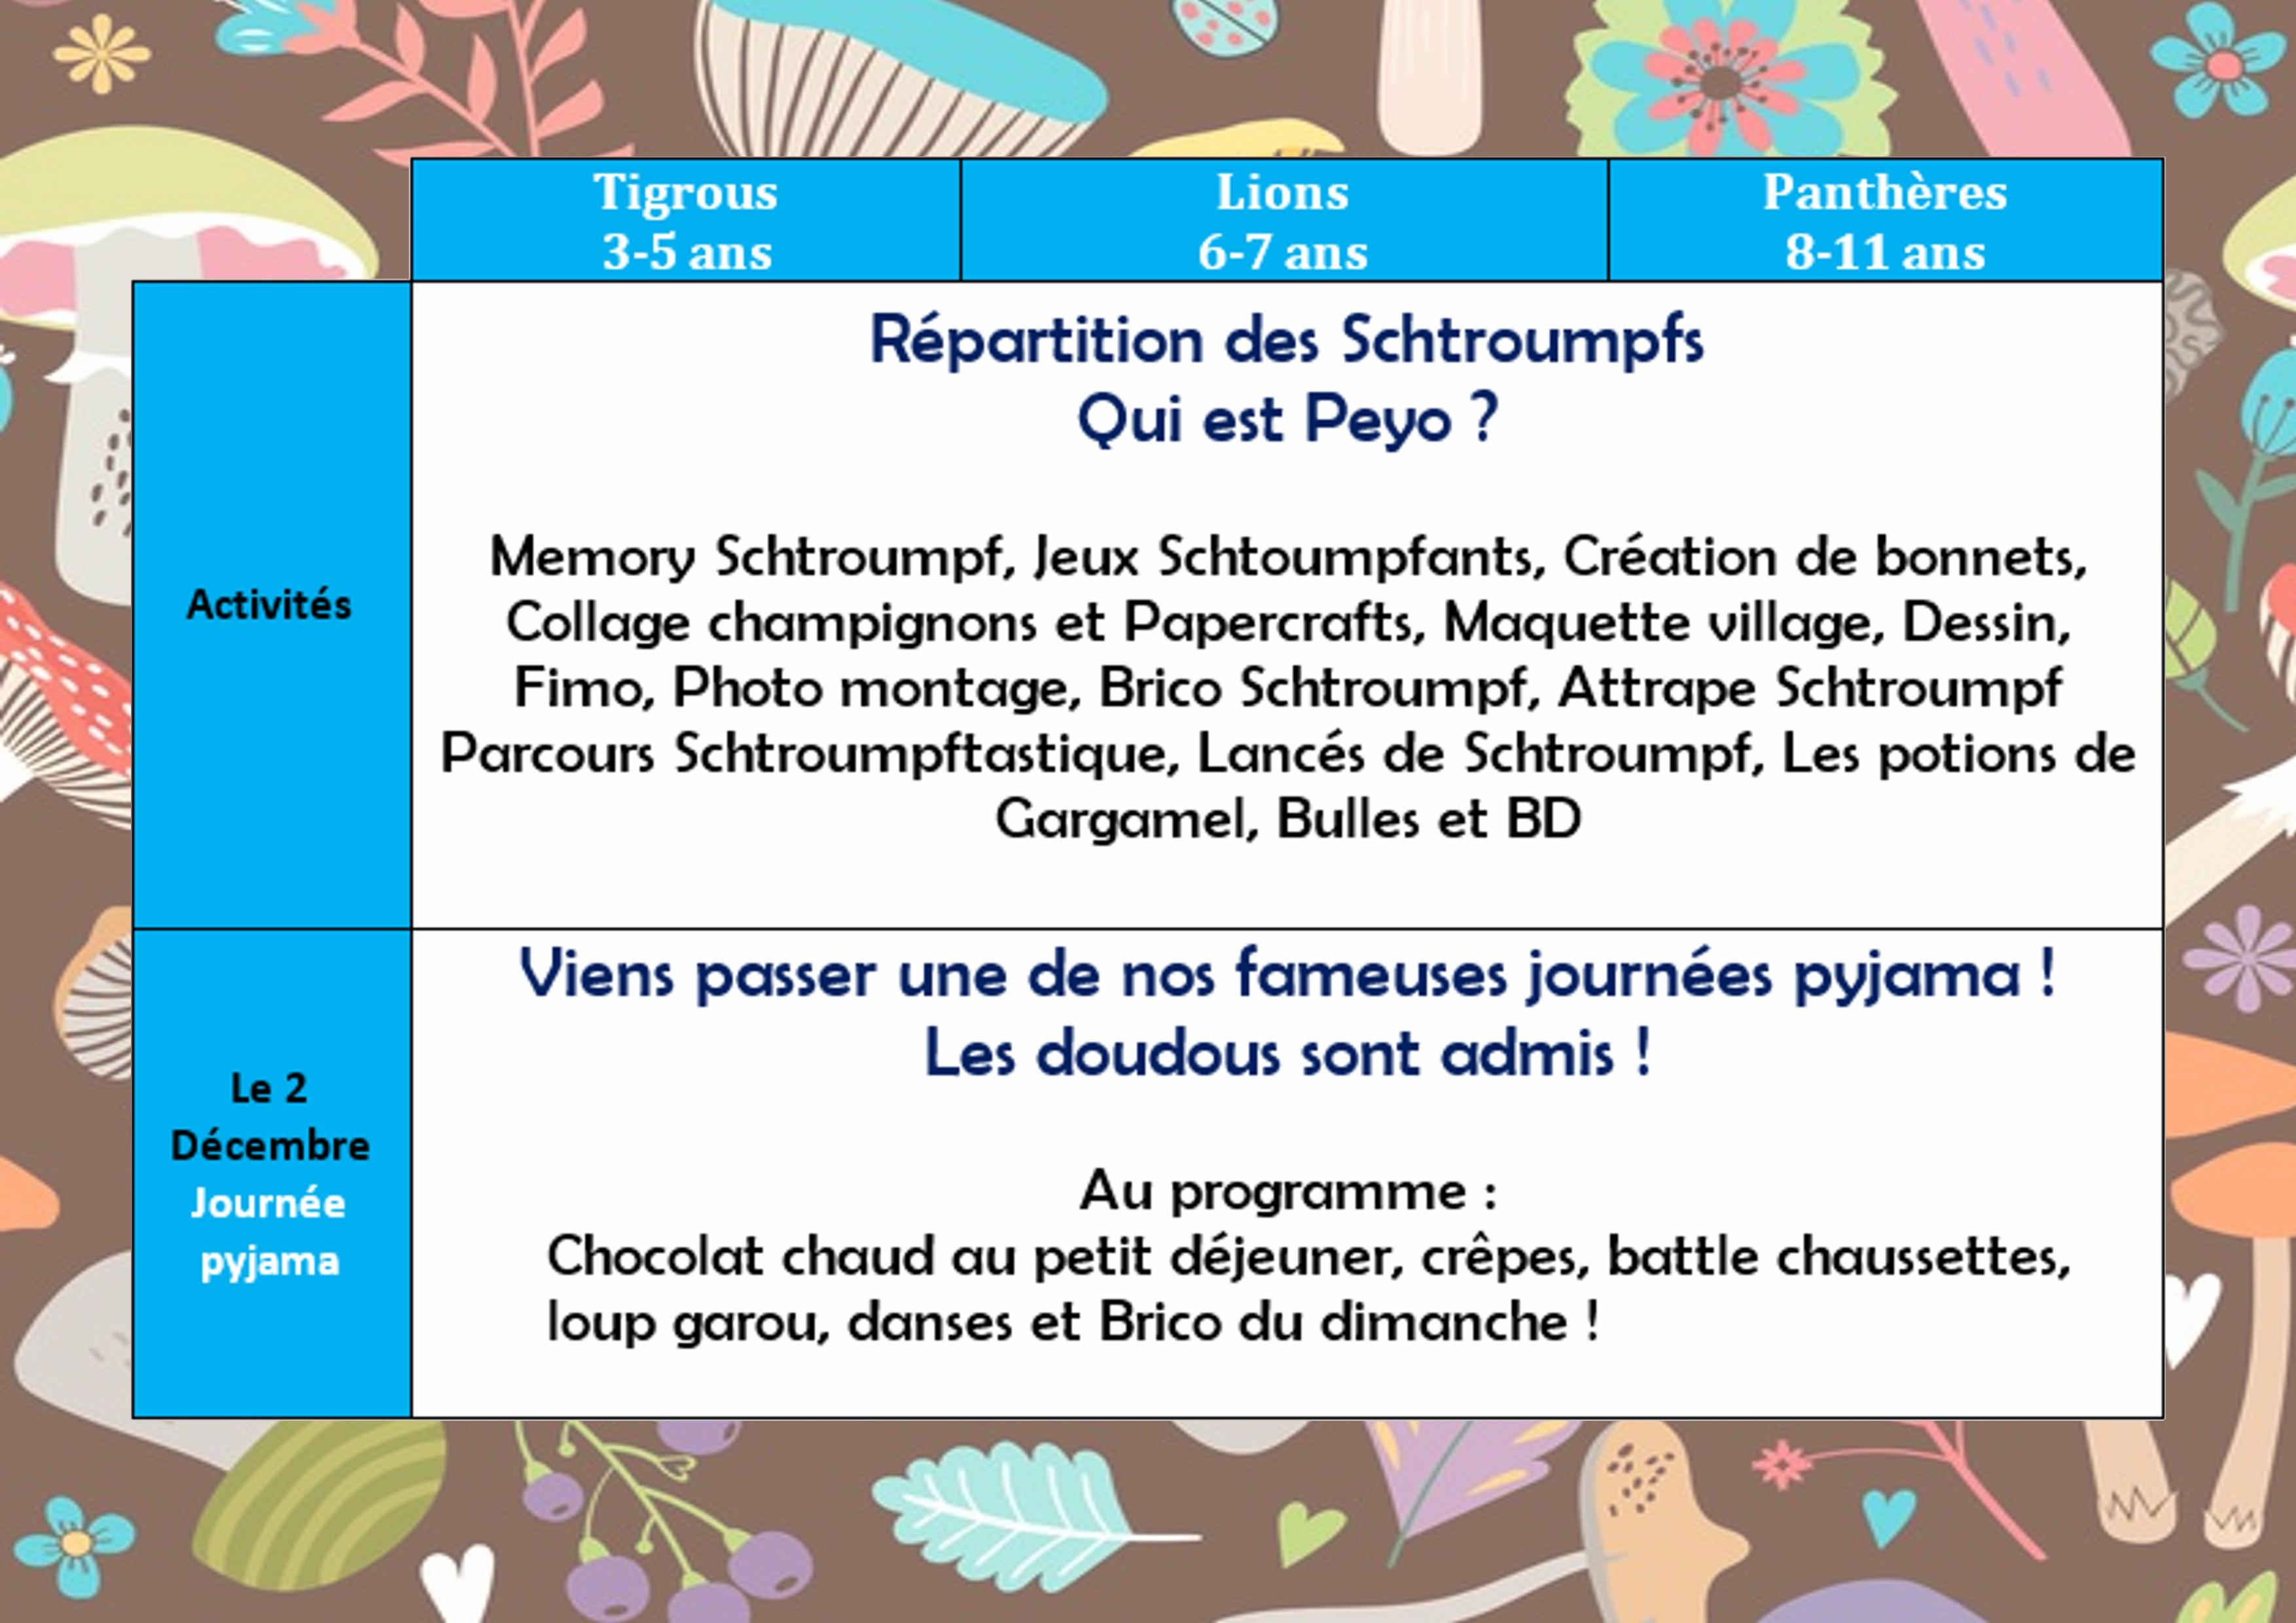 Programme du mercredi (3-11 ans) - Novembre / Décembre